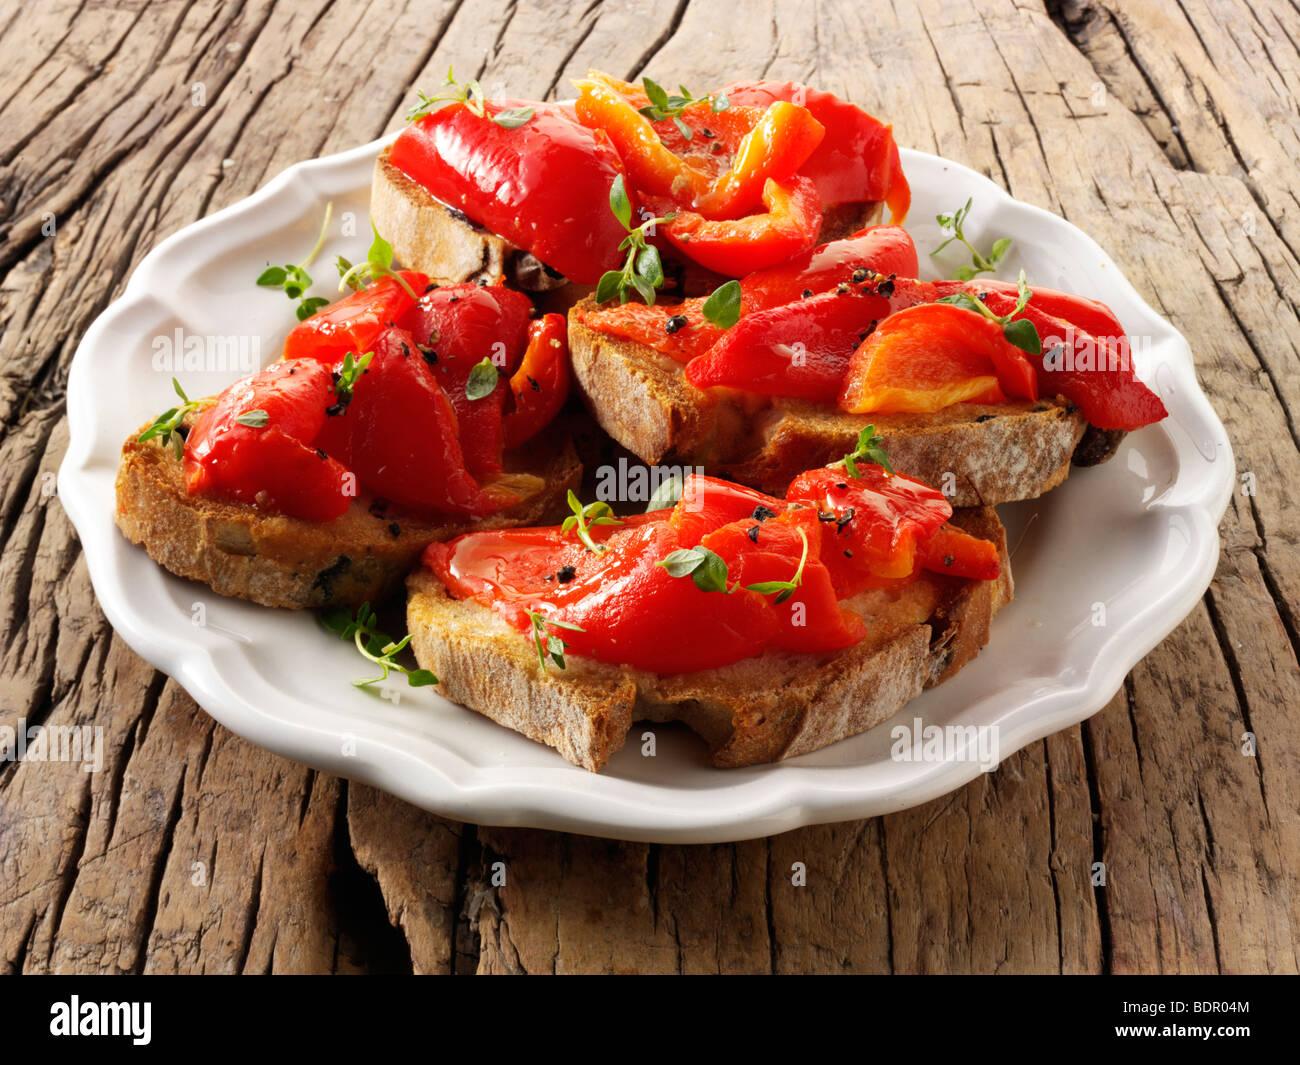 Poivron rouge rôti sur pain de seigle grillé sandwiches - bruschettas. Photo Stock